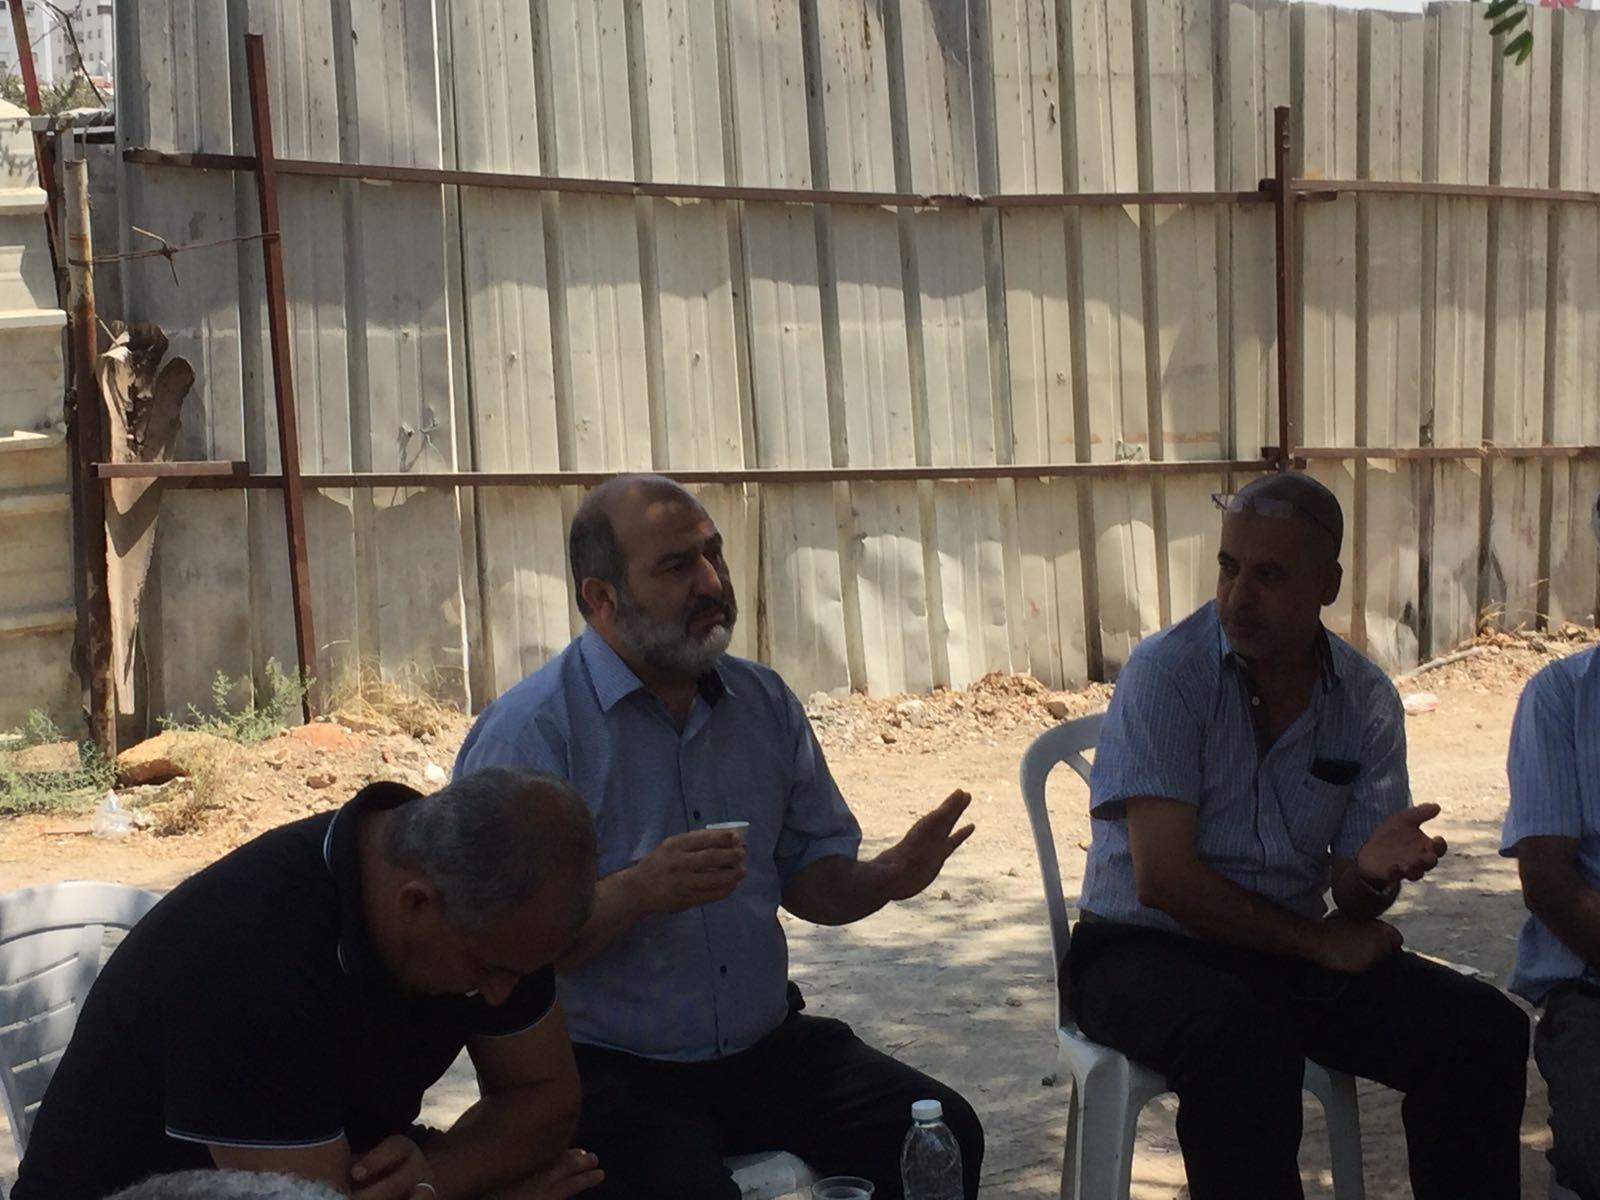 النائب عبد الحكيم حاج يحيى: الهدم في الرملة تصعيد خطير ، يحب تكاتف جميع الطاقات في البلدية ولجنة التنظيم لوقف هذه السياسة المجرمة